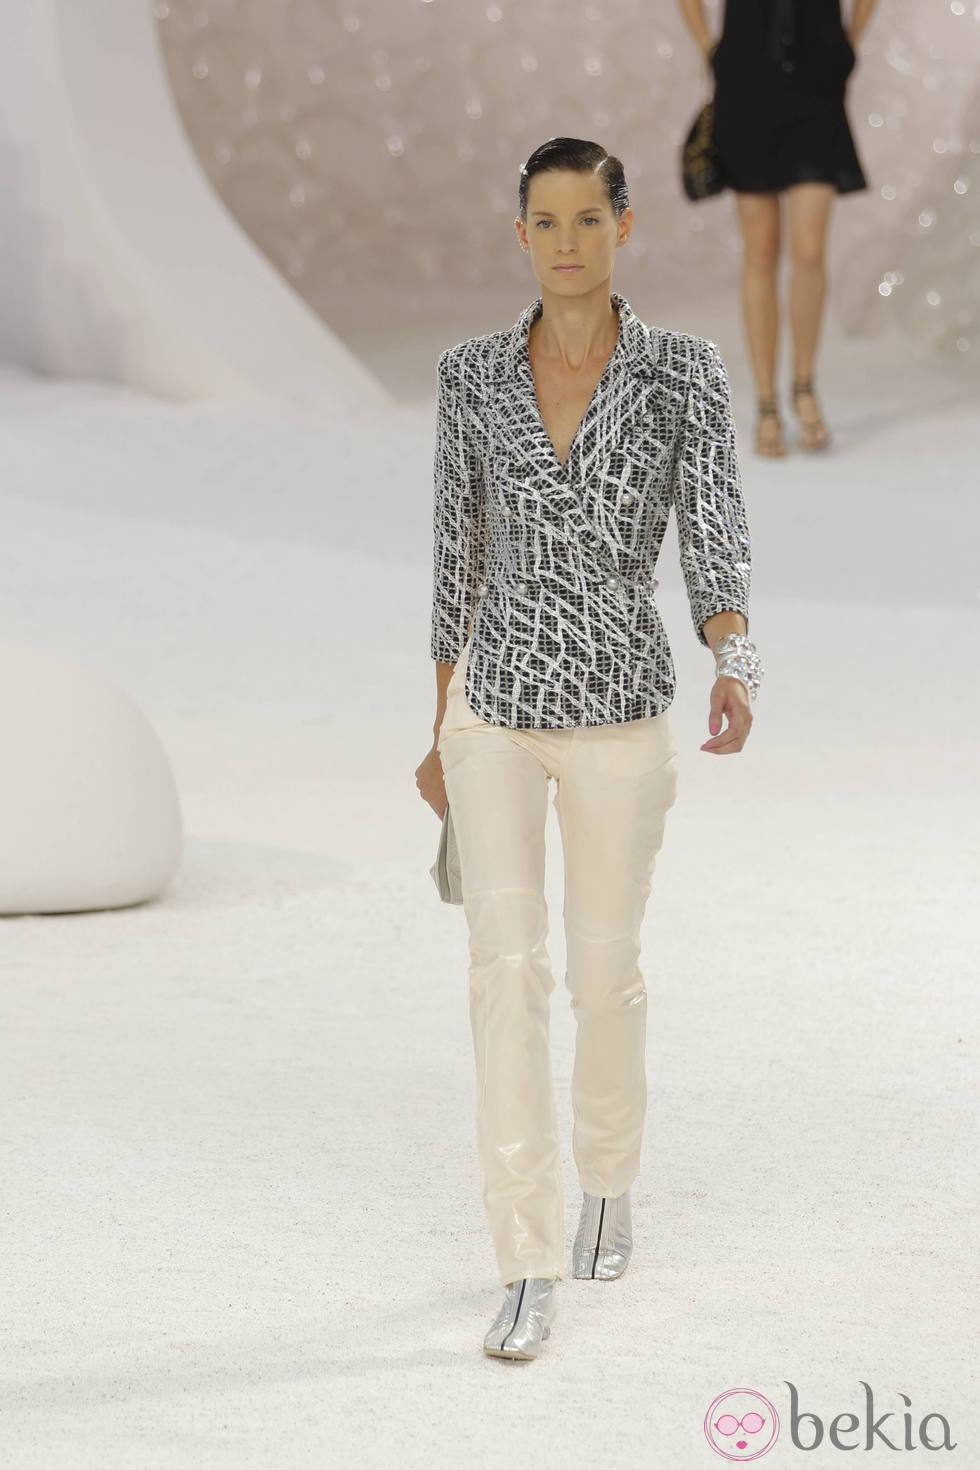 Traje chaqueta y pantalón, de Chanel, colección primavera 2012